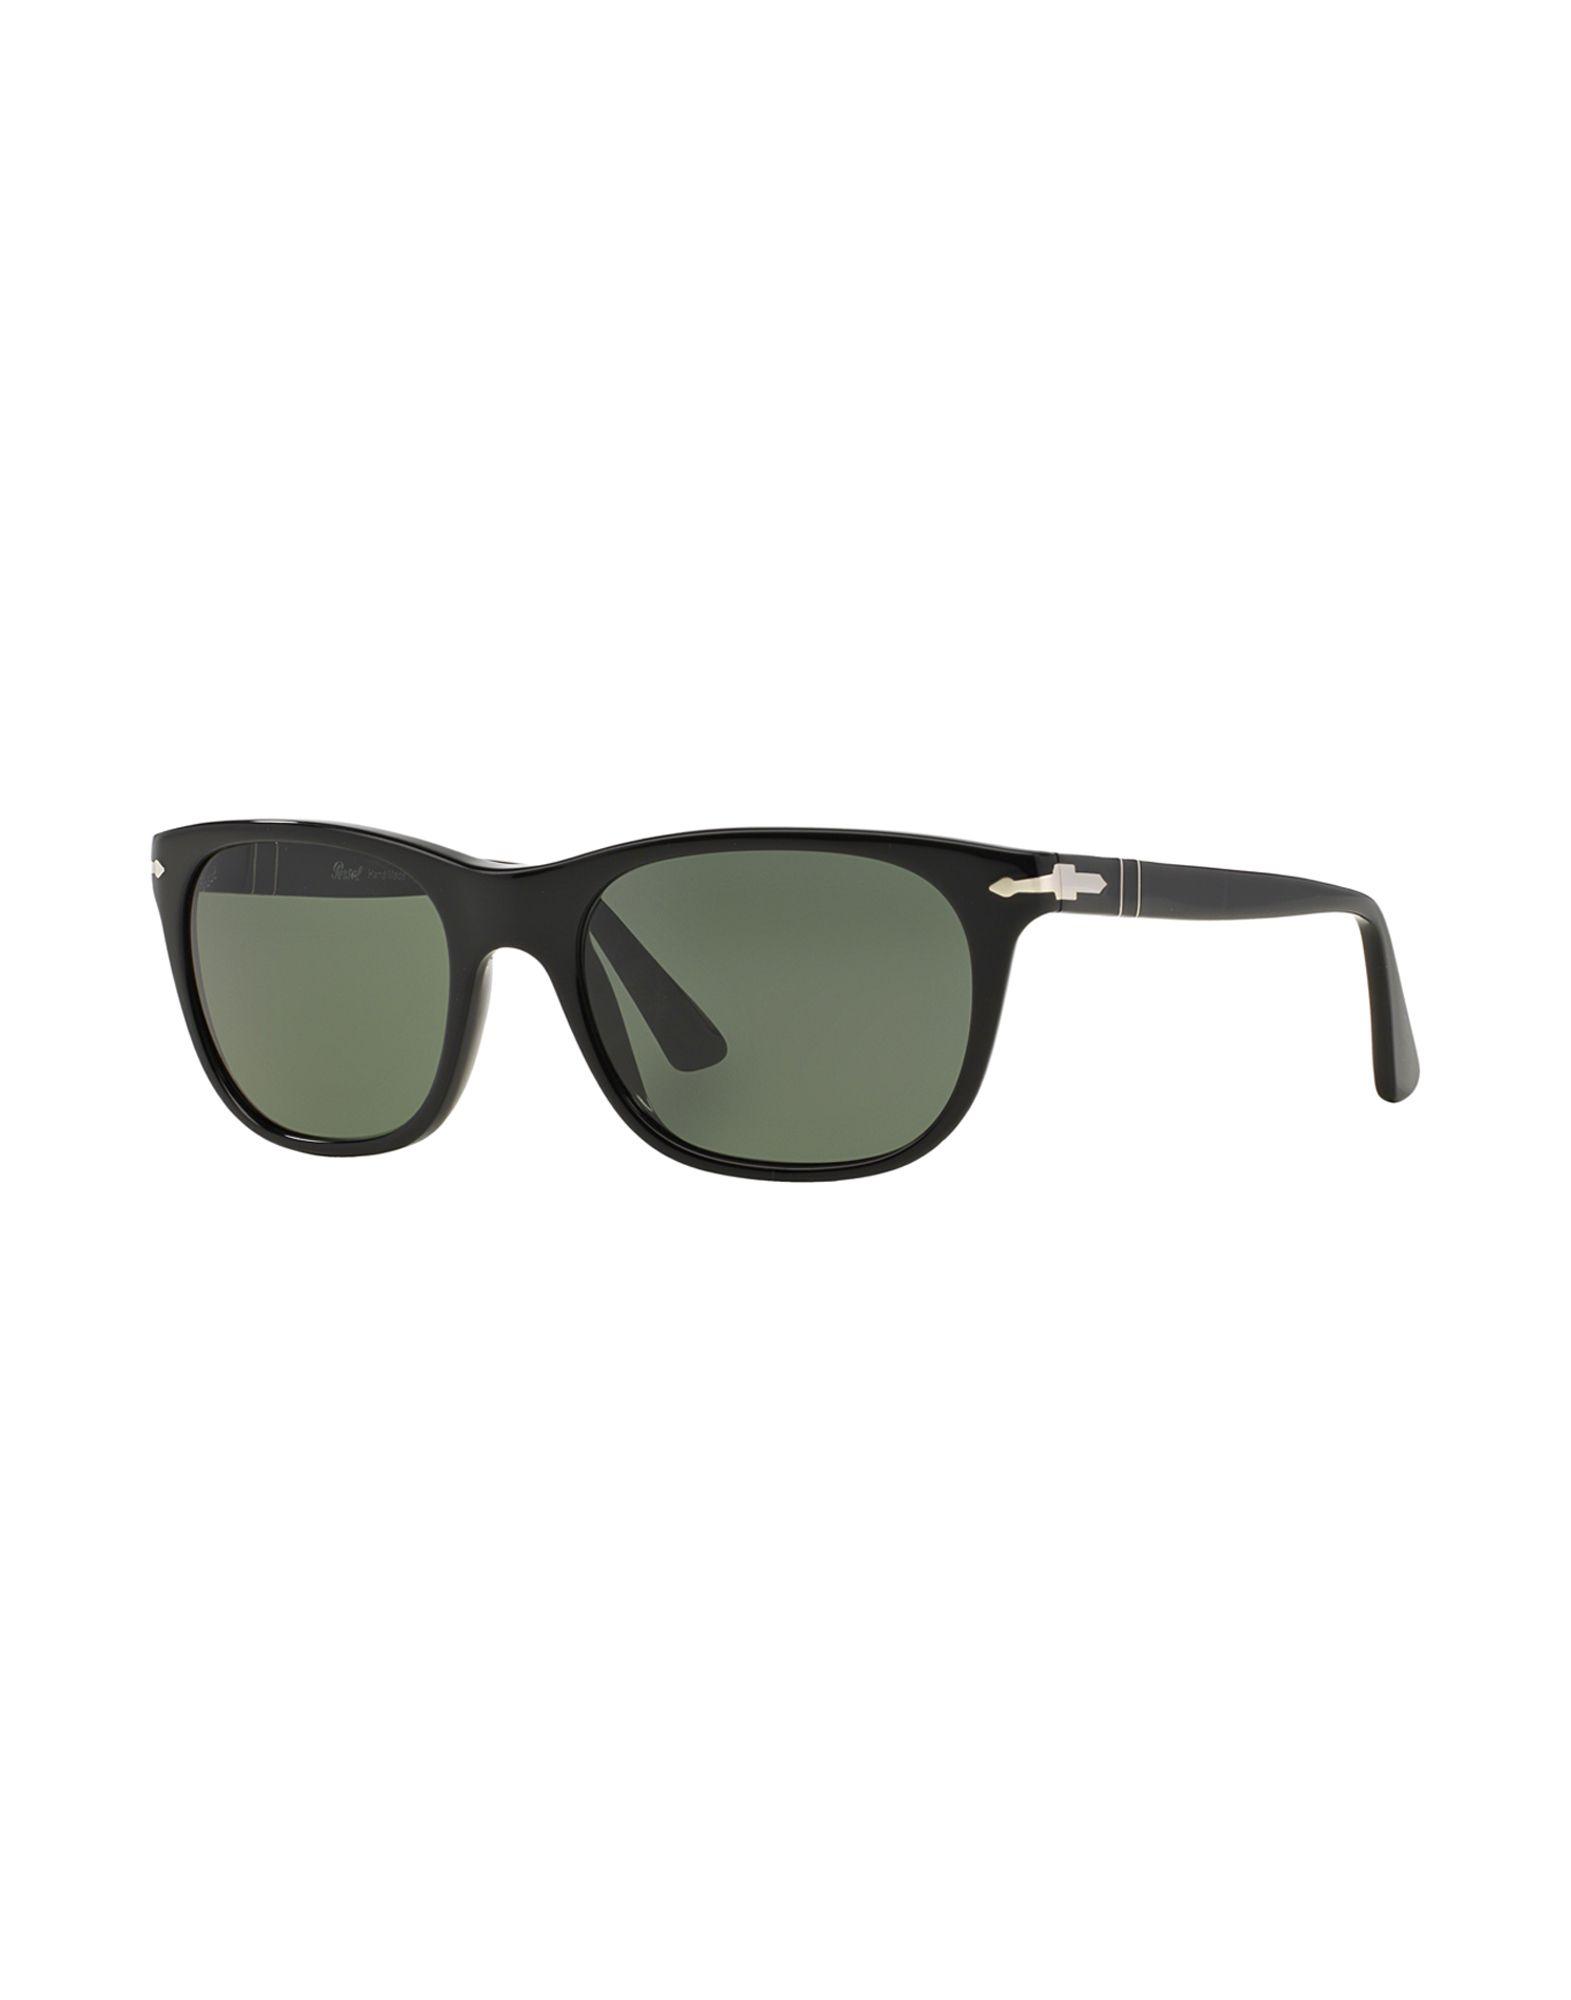 PERSOL Herren Sonnenbrille Farbe Schwarz Größe 10